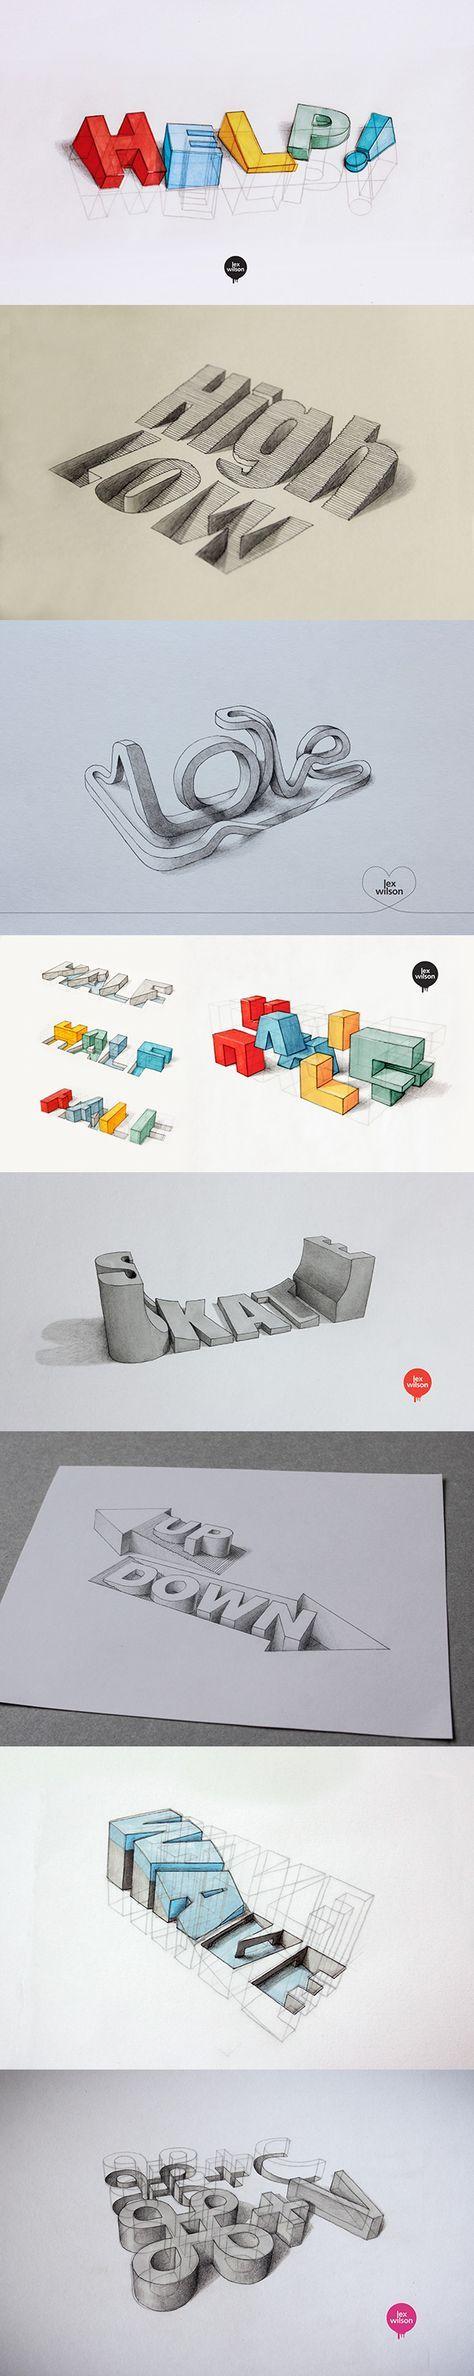 48 best Ideen Kunst images on Pinterest | Elementary schools ...